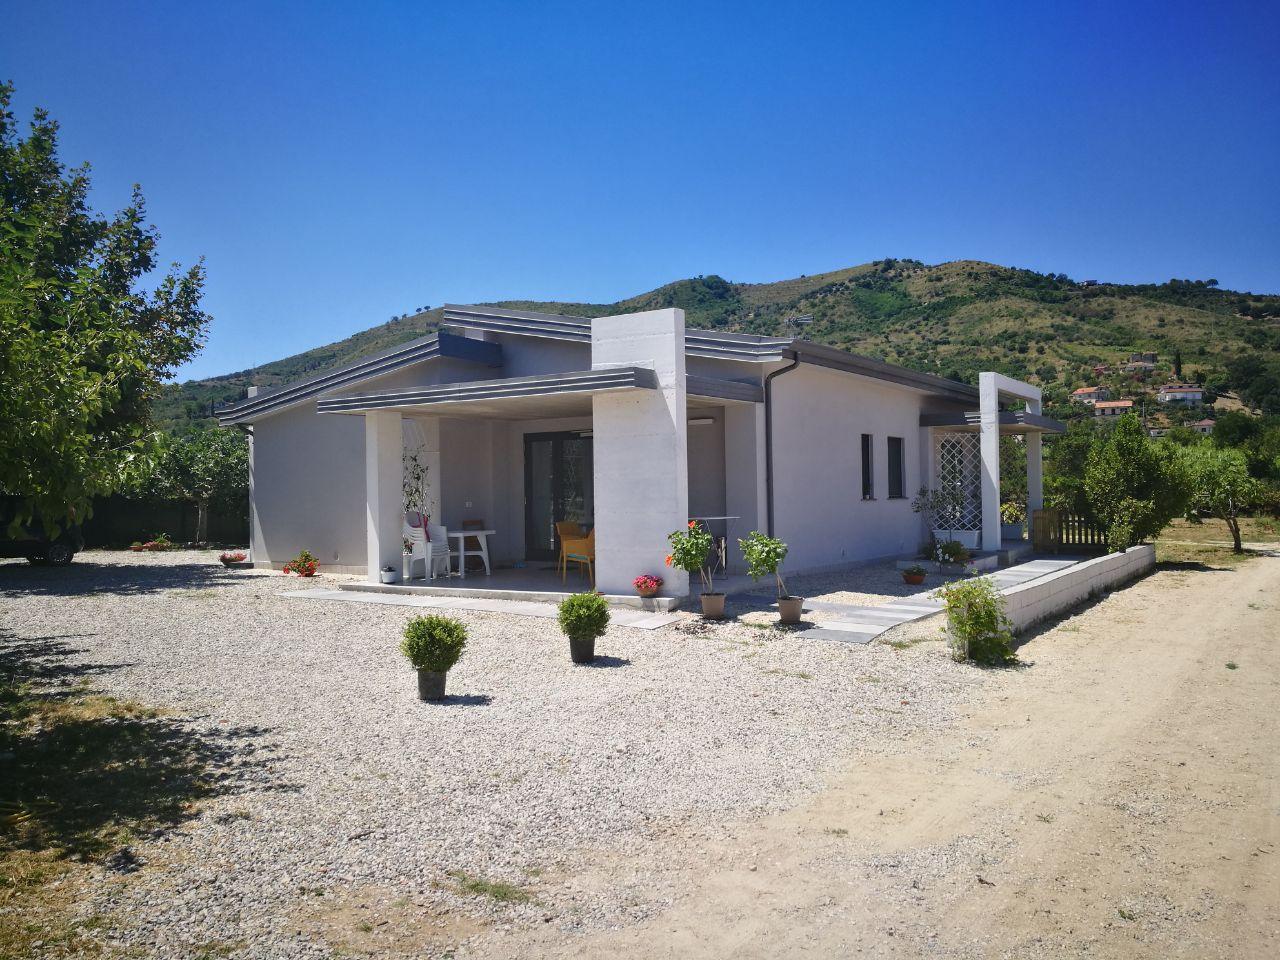 Risanamento conservativo e recupero statico di una casa vacanze  (dopo)